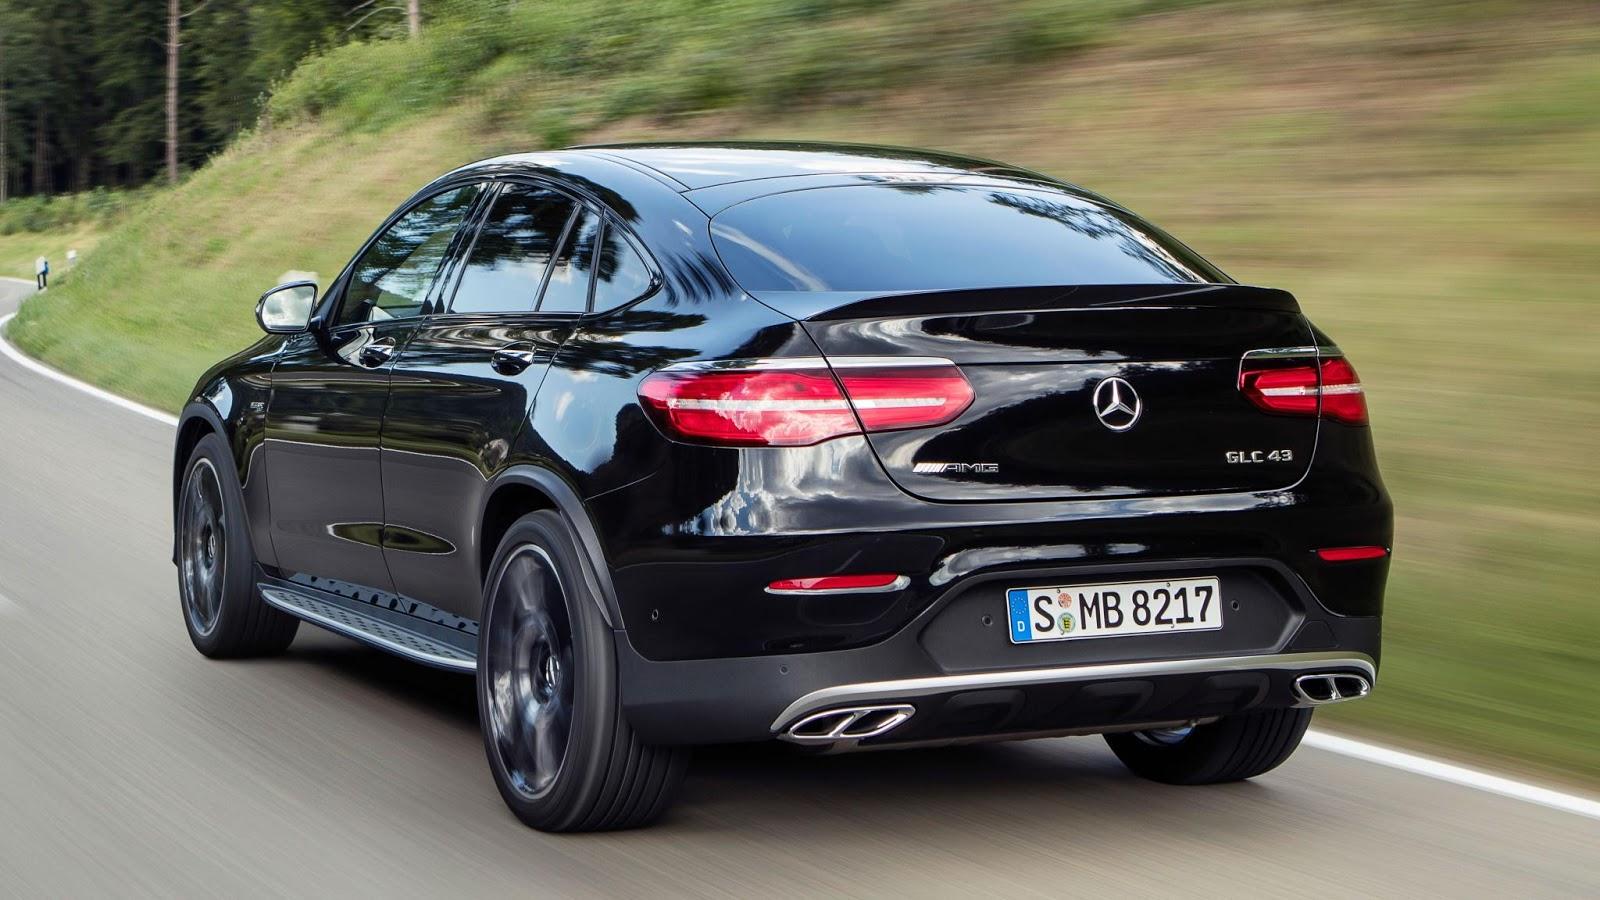 Phần đuôi xe trông chẳng khác nào BMW X4, kiểu sexy, căng phồng